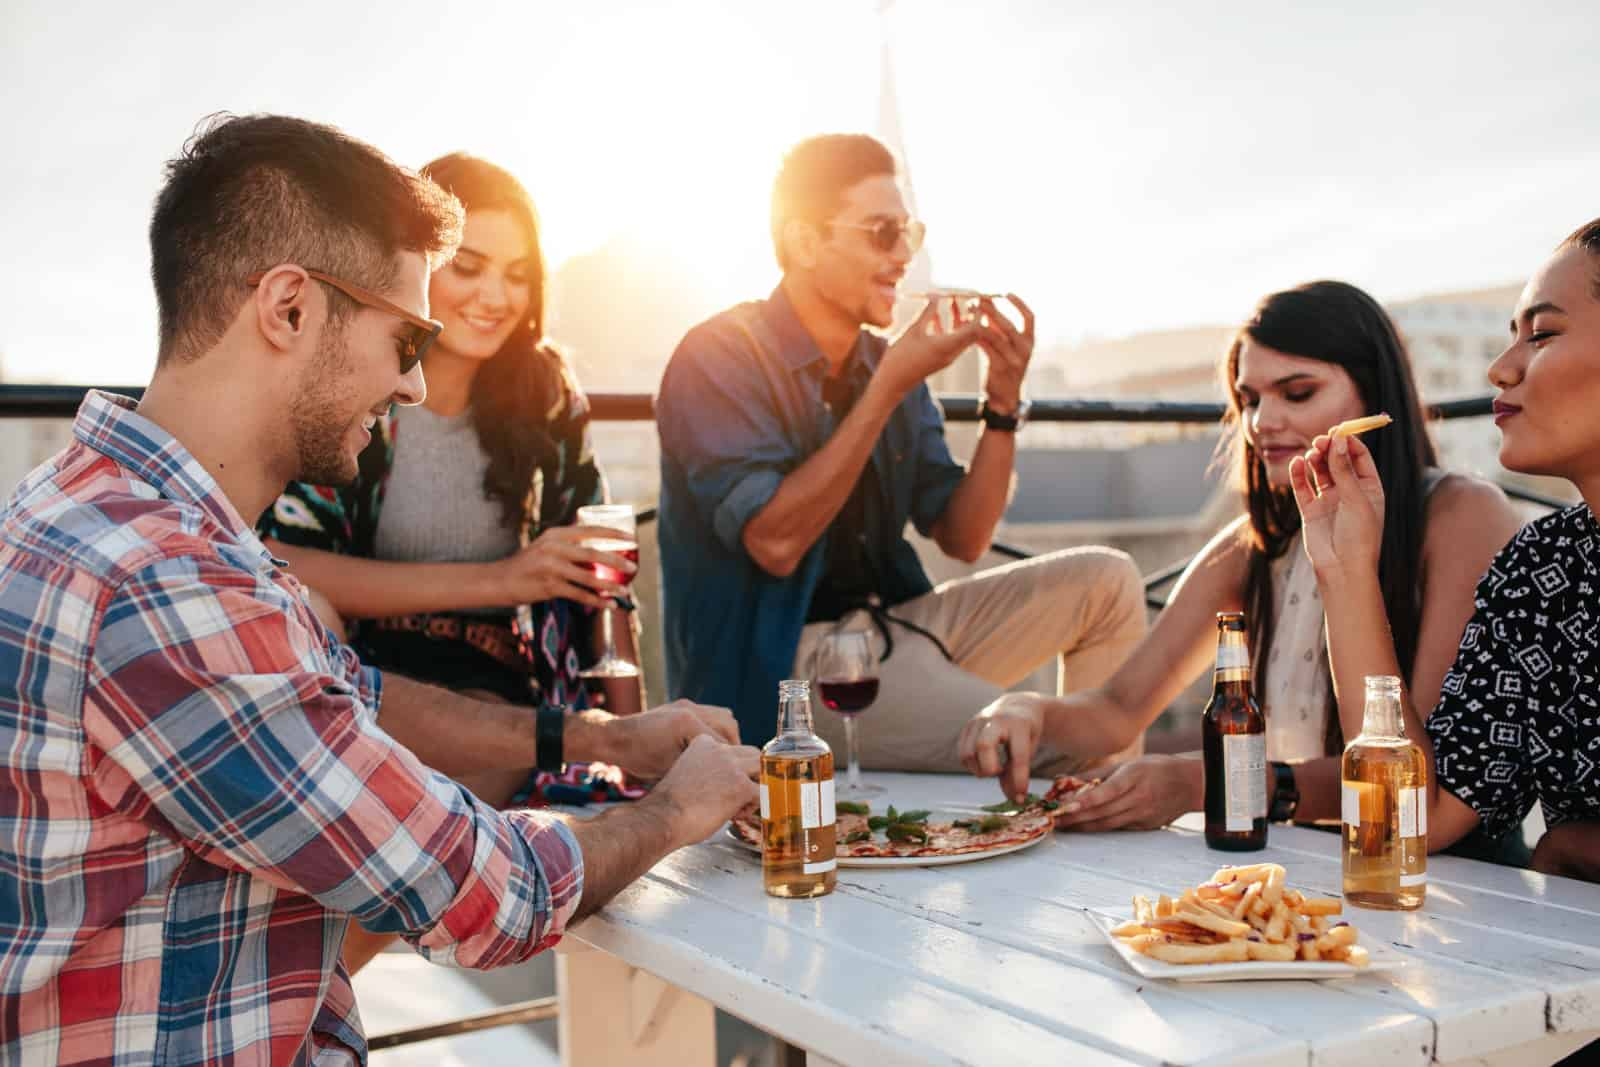 eine Gruppe junger Leute, die zusammen sitzen und Pizza essen